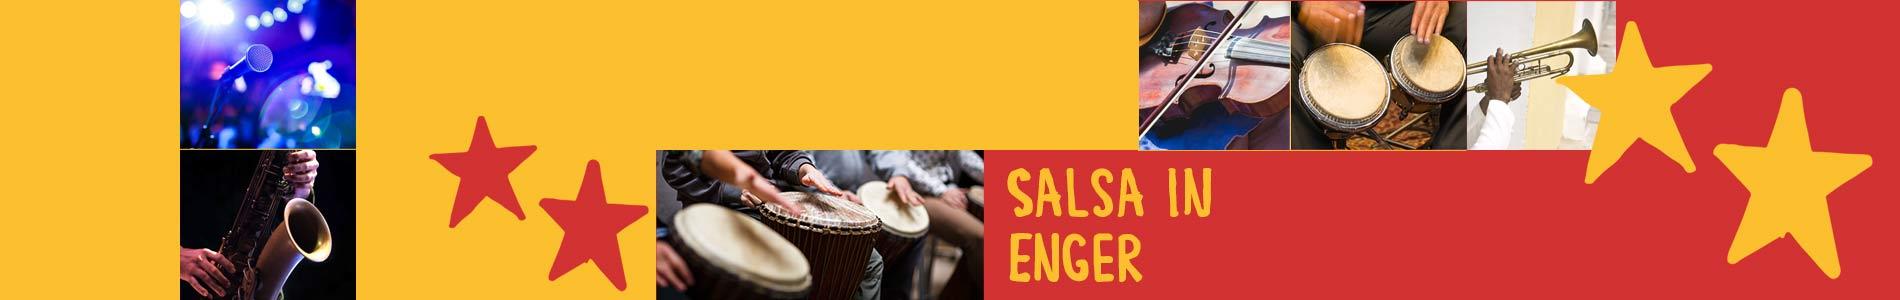 Salsa in Enger – Salsa lernen und tanzen, Tanzkurse, Partys, Veranstaltungen